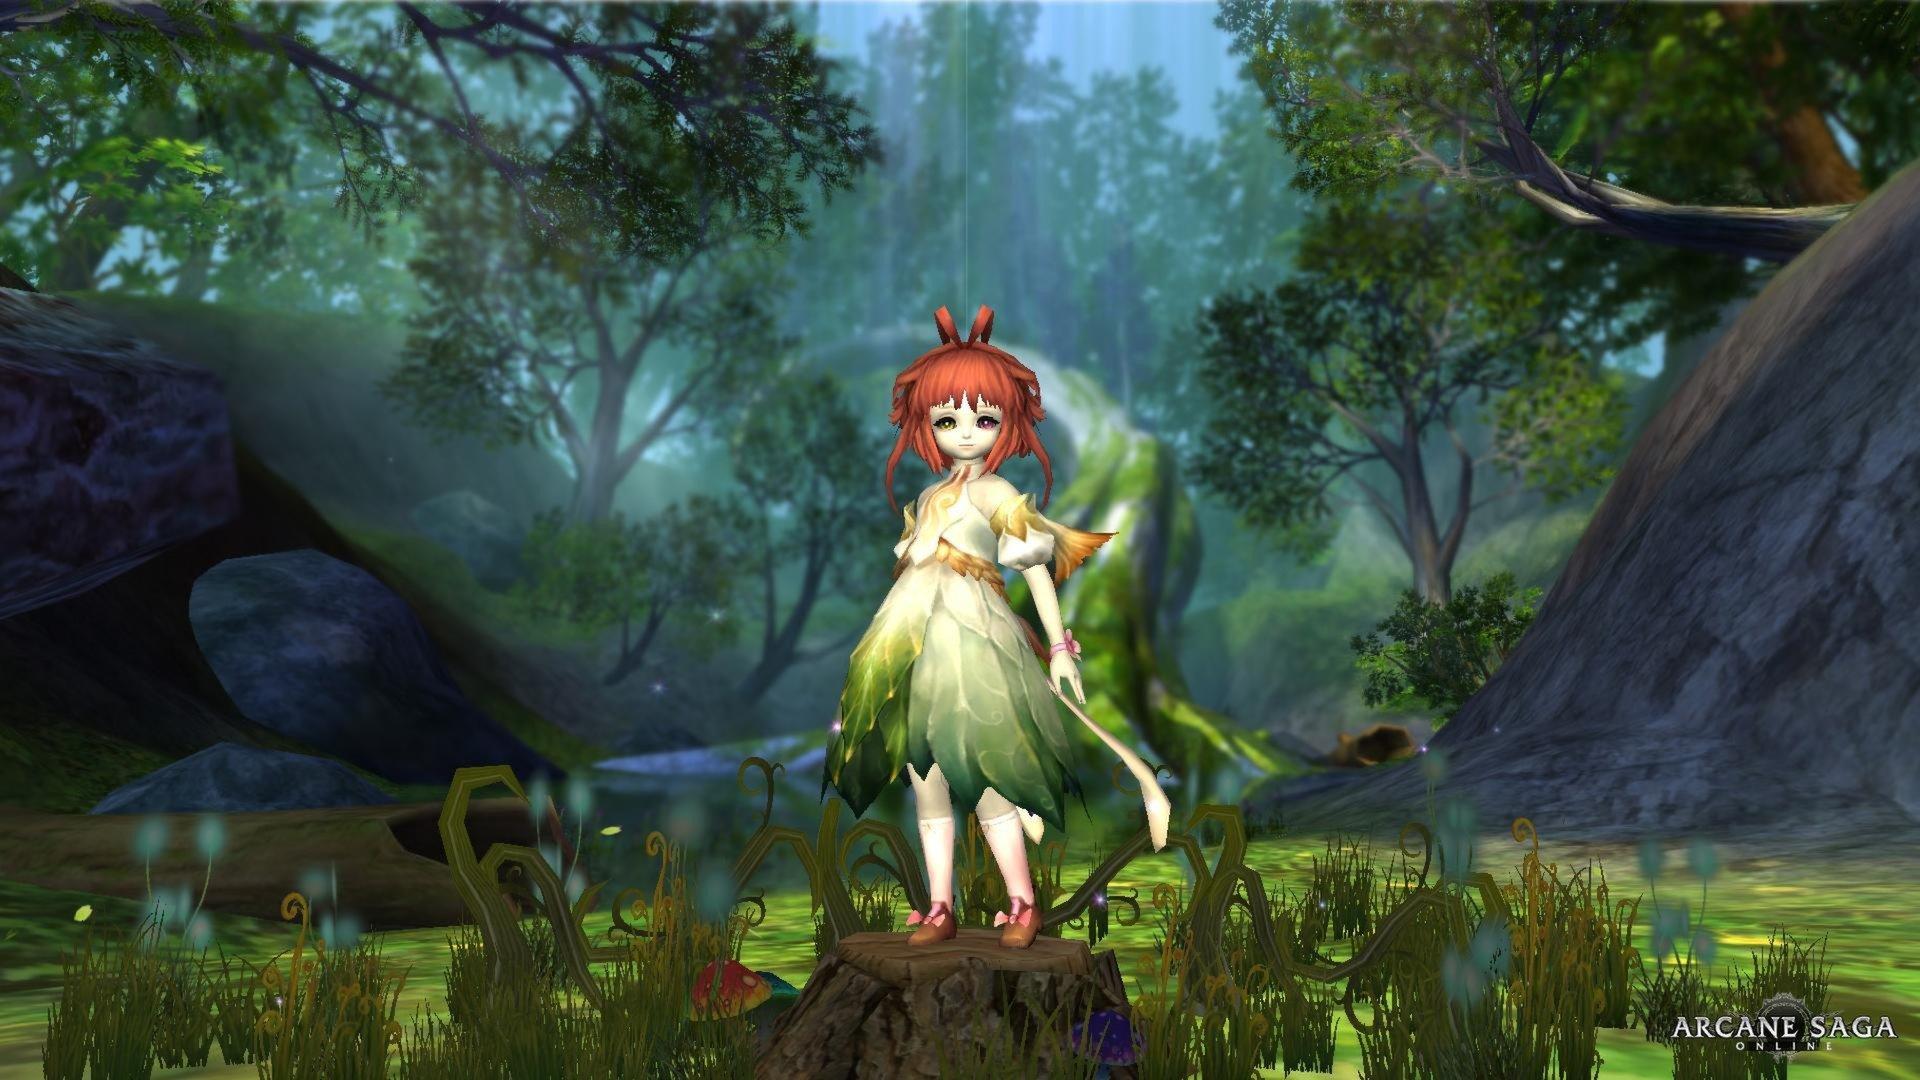 PRIUS ONLINE Arcane Saga Fantasy Mmo Rpg Action Fighting